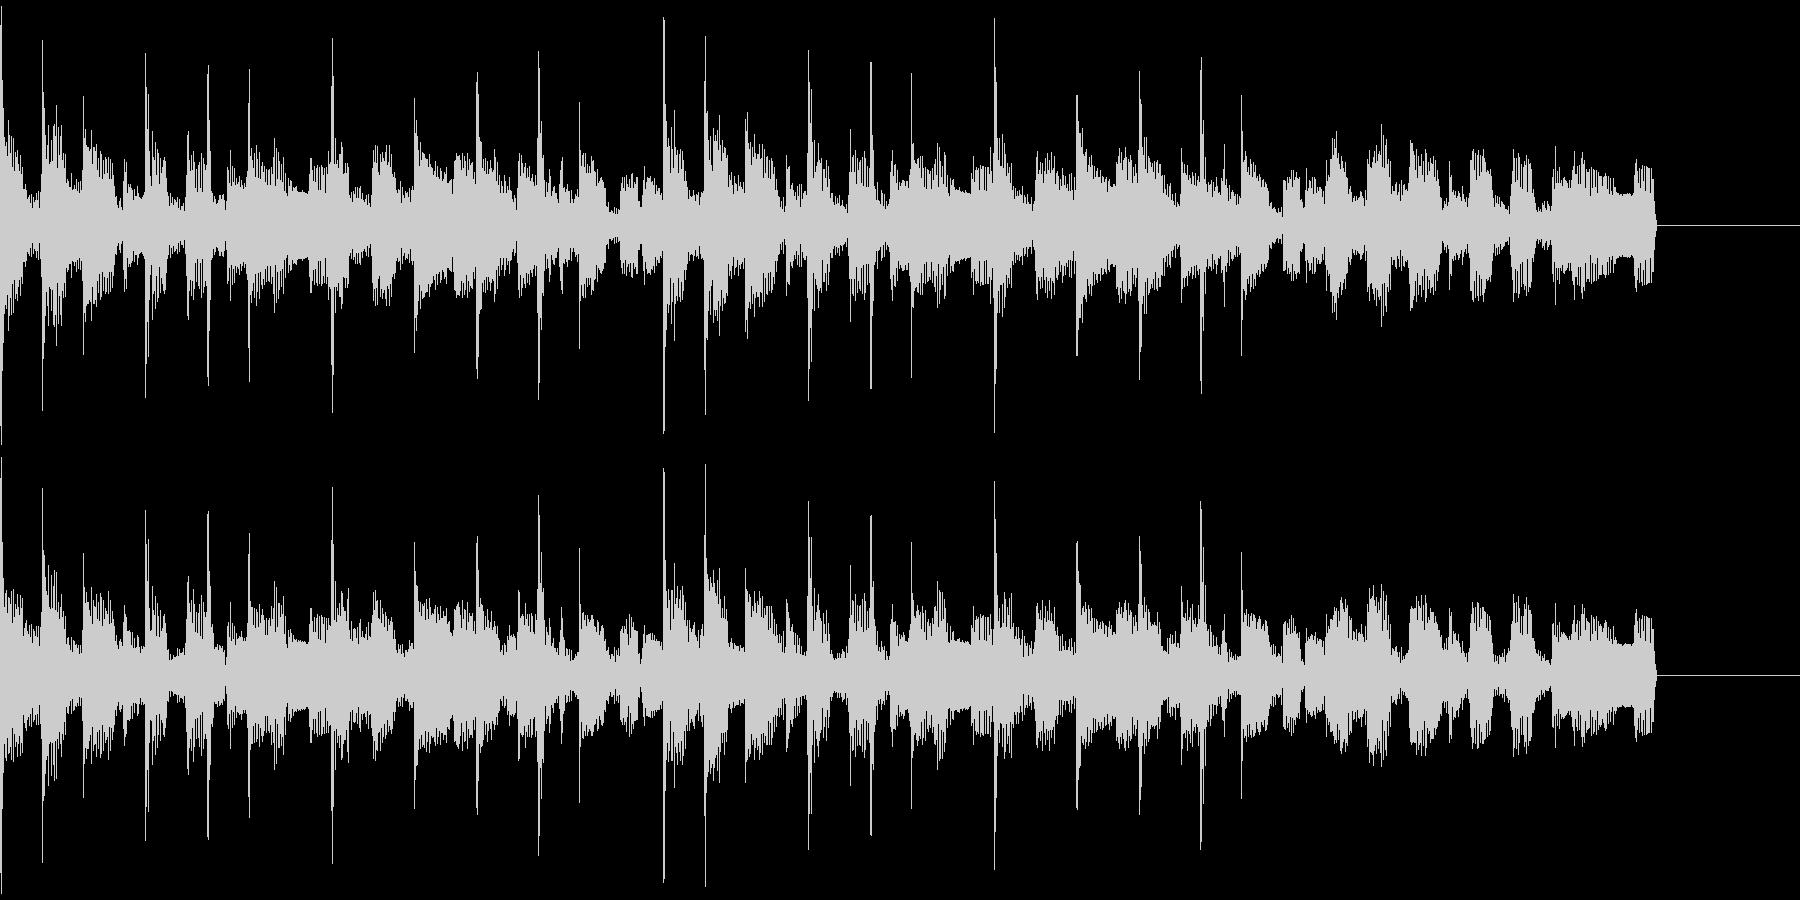 ジャズテイストのBGMの未再生の波形